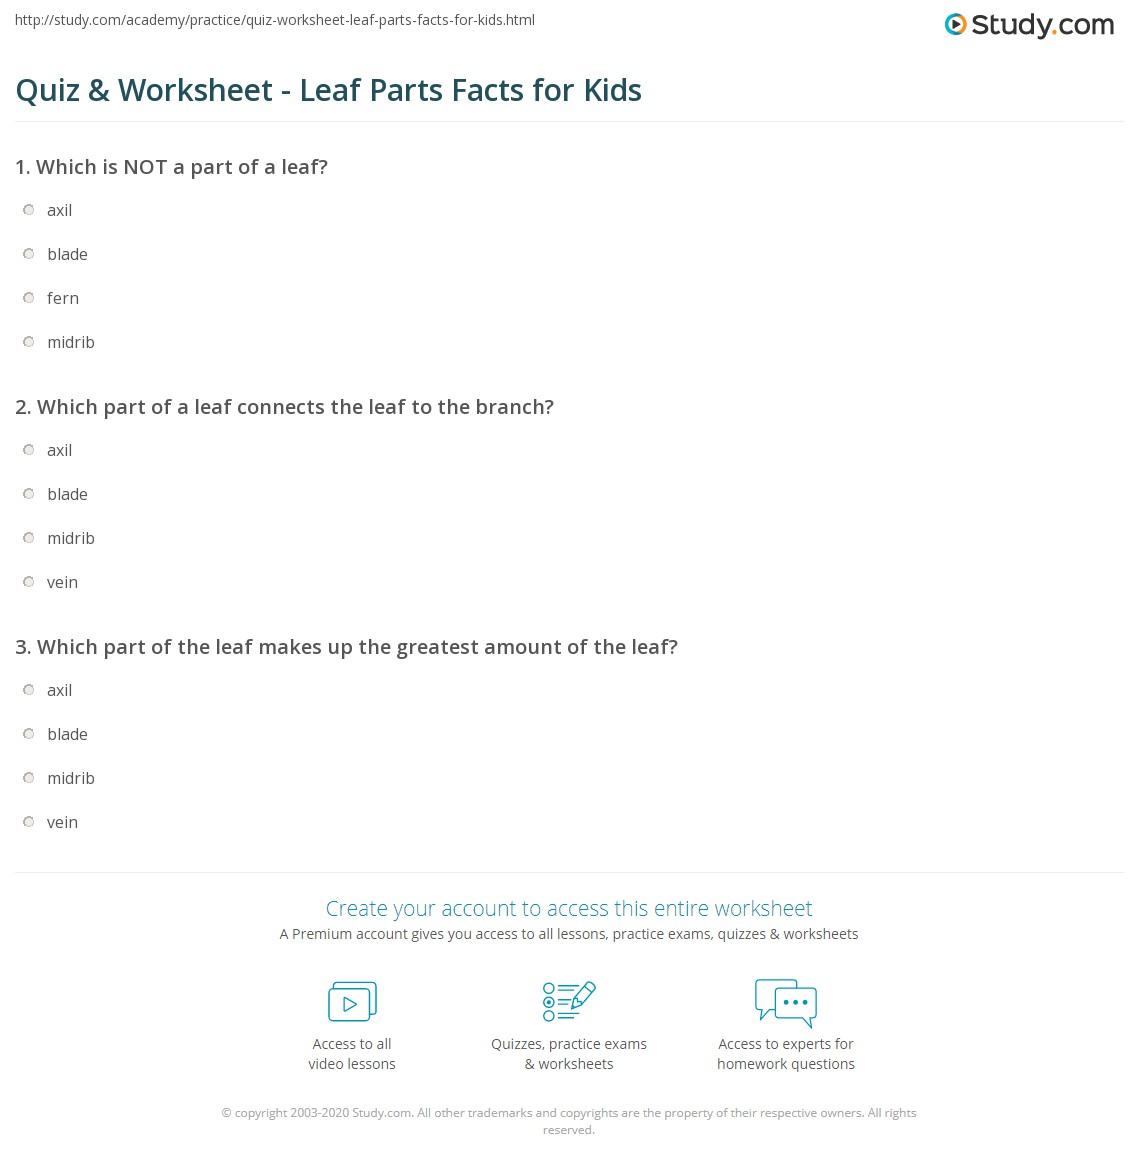 Quiz Worksheet Leaf Parts Facts for Kids – Parts of a Leaf Worksheet